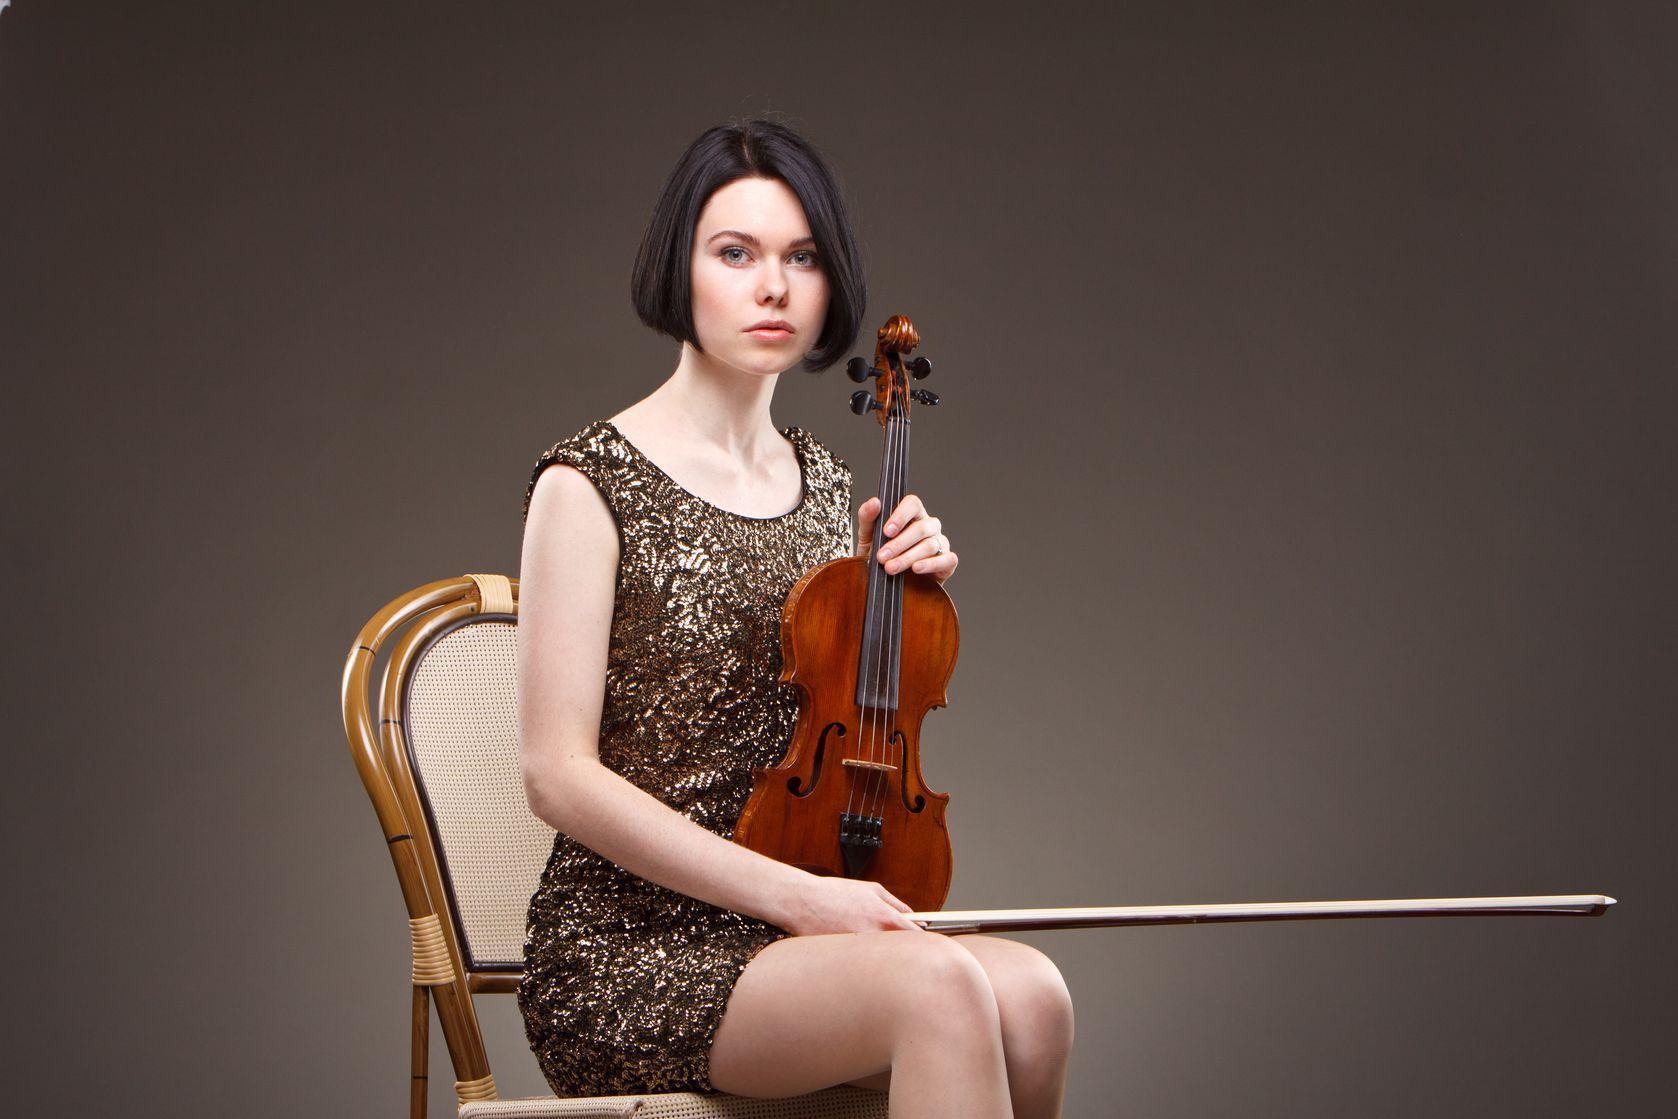 Violinista barroca desiste de dar prazer a si mesma com o uso de vibrador